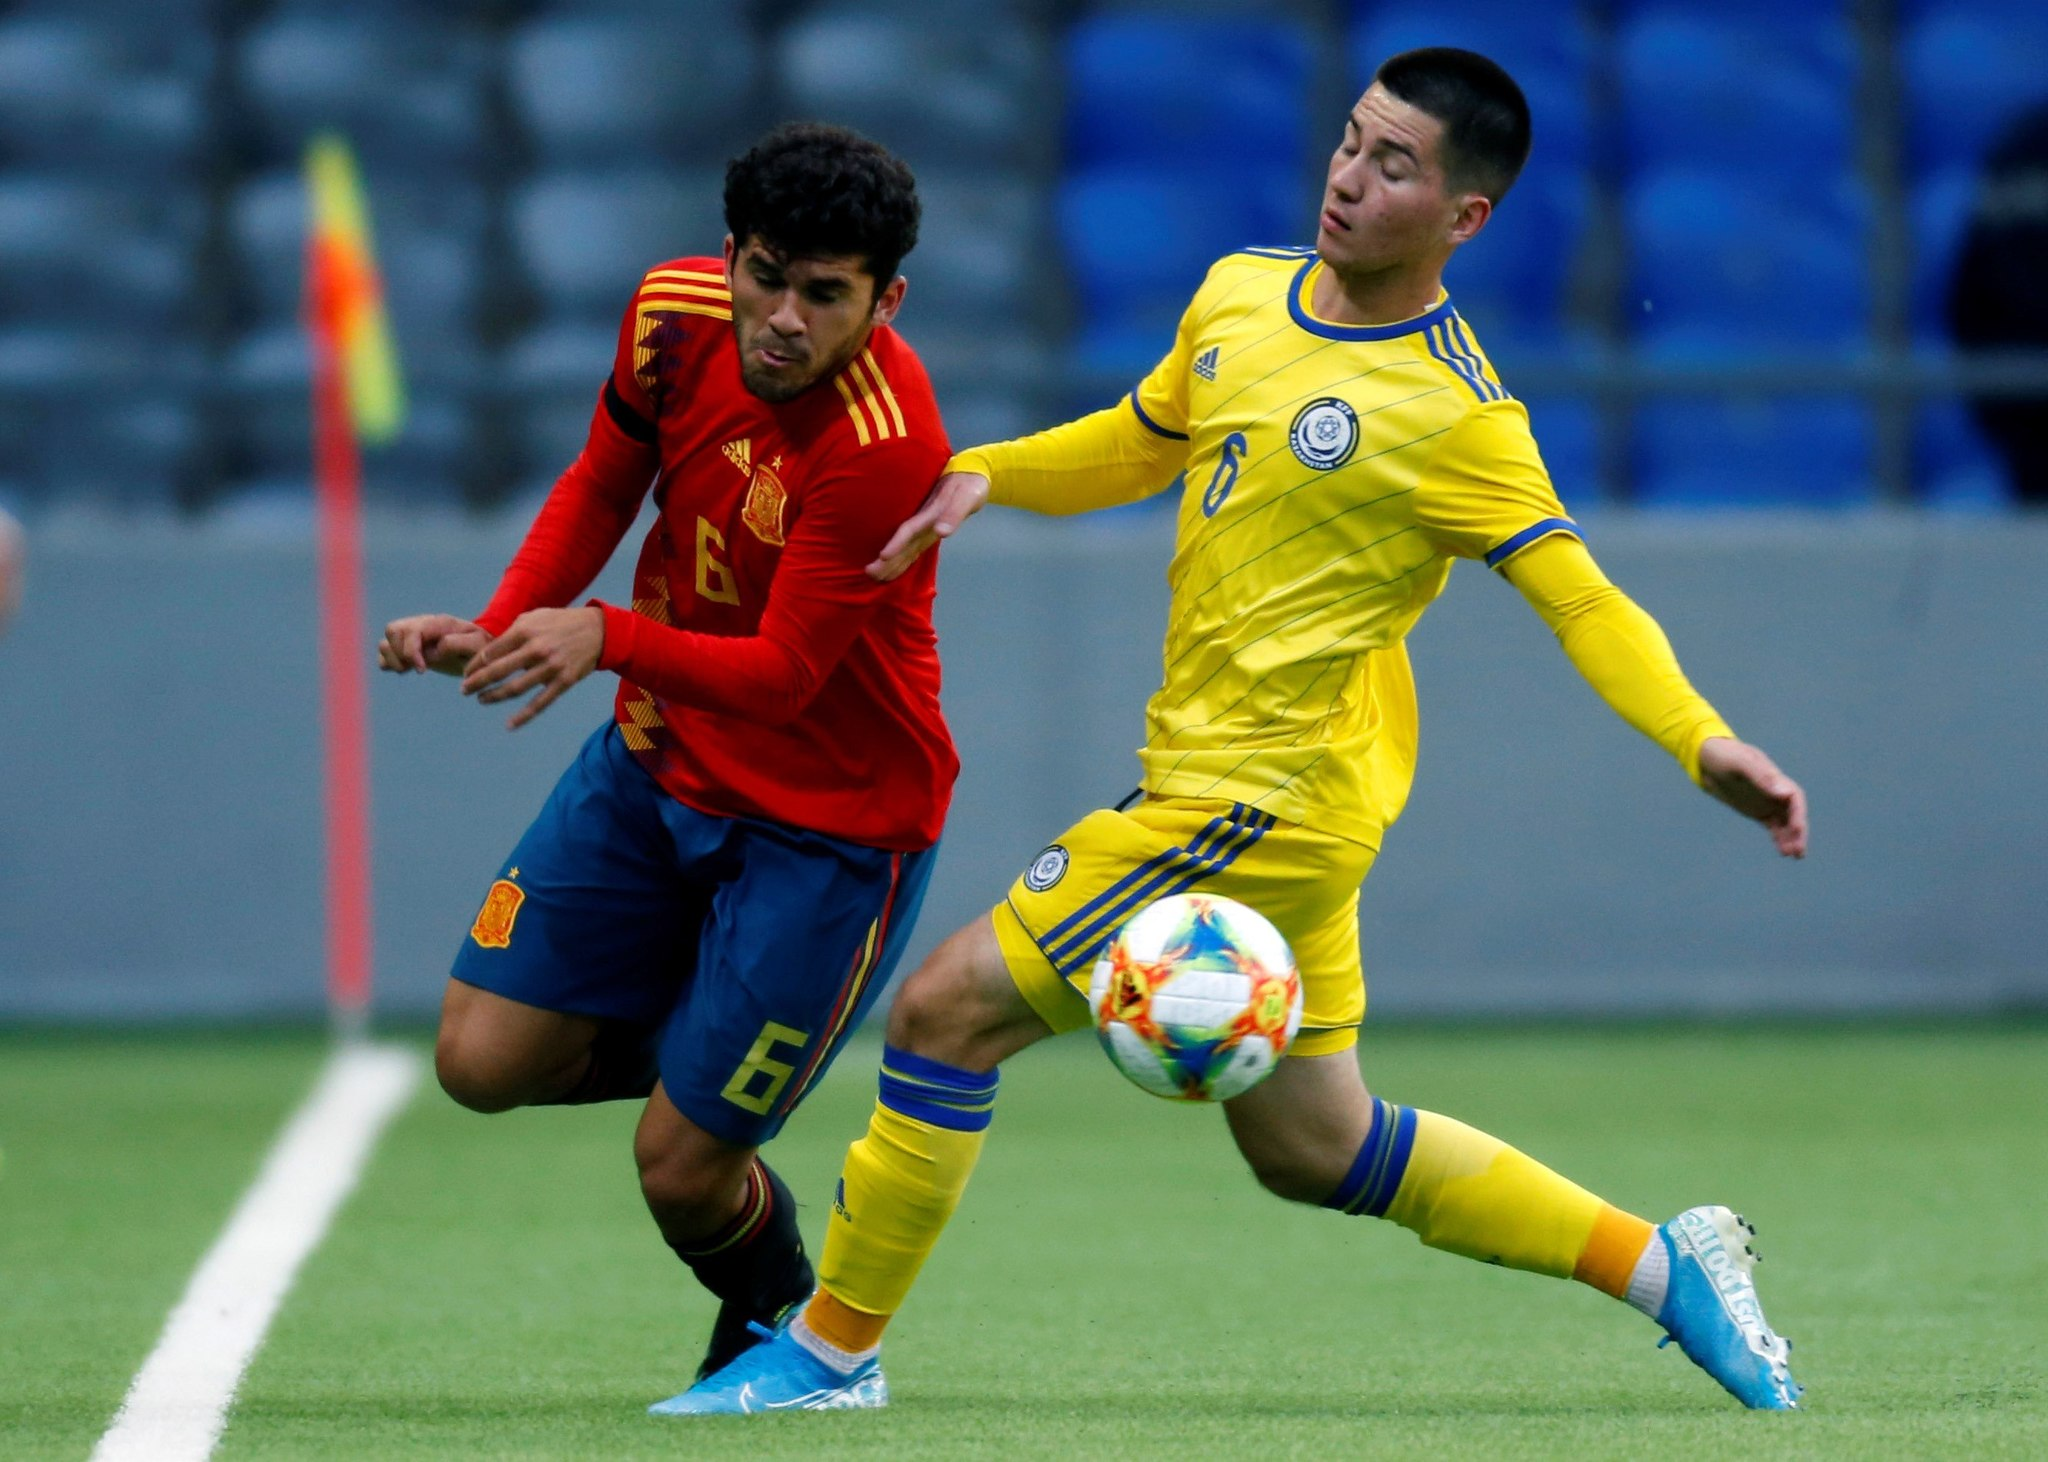 GRAF7437. ASTANA, 06/09/2019.- El centrocampista de la selección española de Fútbol Carles Aleña (i), y el centrocampista de la selección de Kzajistán Adam Adakhajiev (d), durante el partido sub-21 clasificatorio para la Eurocopa 2021 disputado en el estadio Astana Arena.- EFE/Stas Filippov